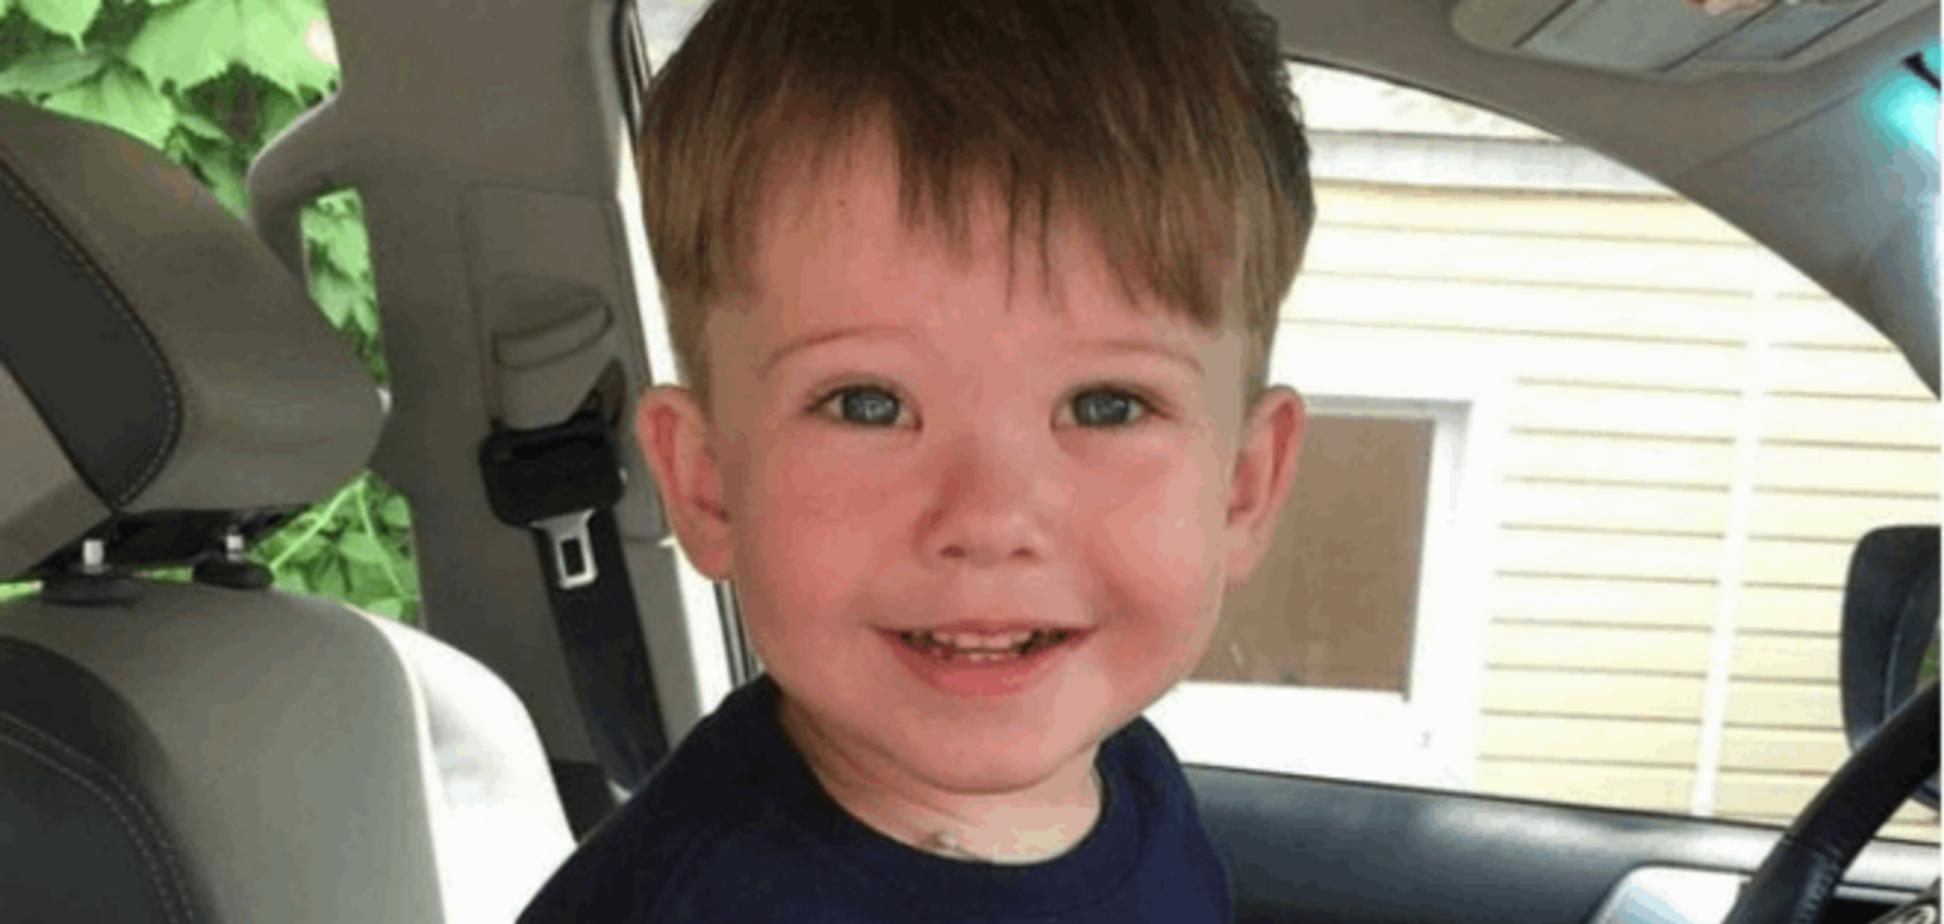 Син Фріске неймовірно схожий на маму: опубліковані ексклюзивні фото